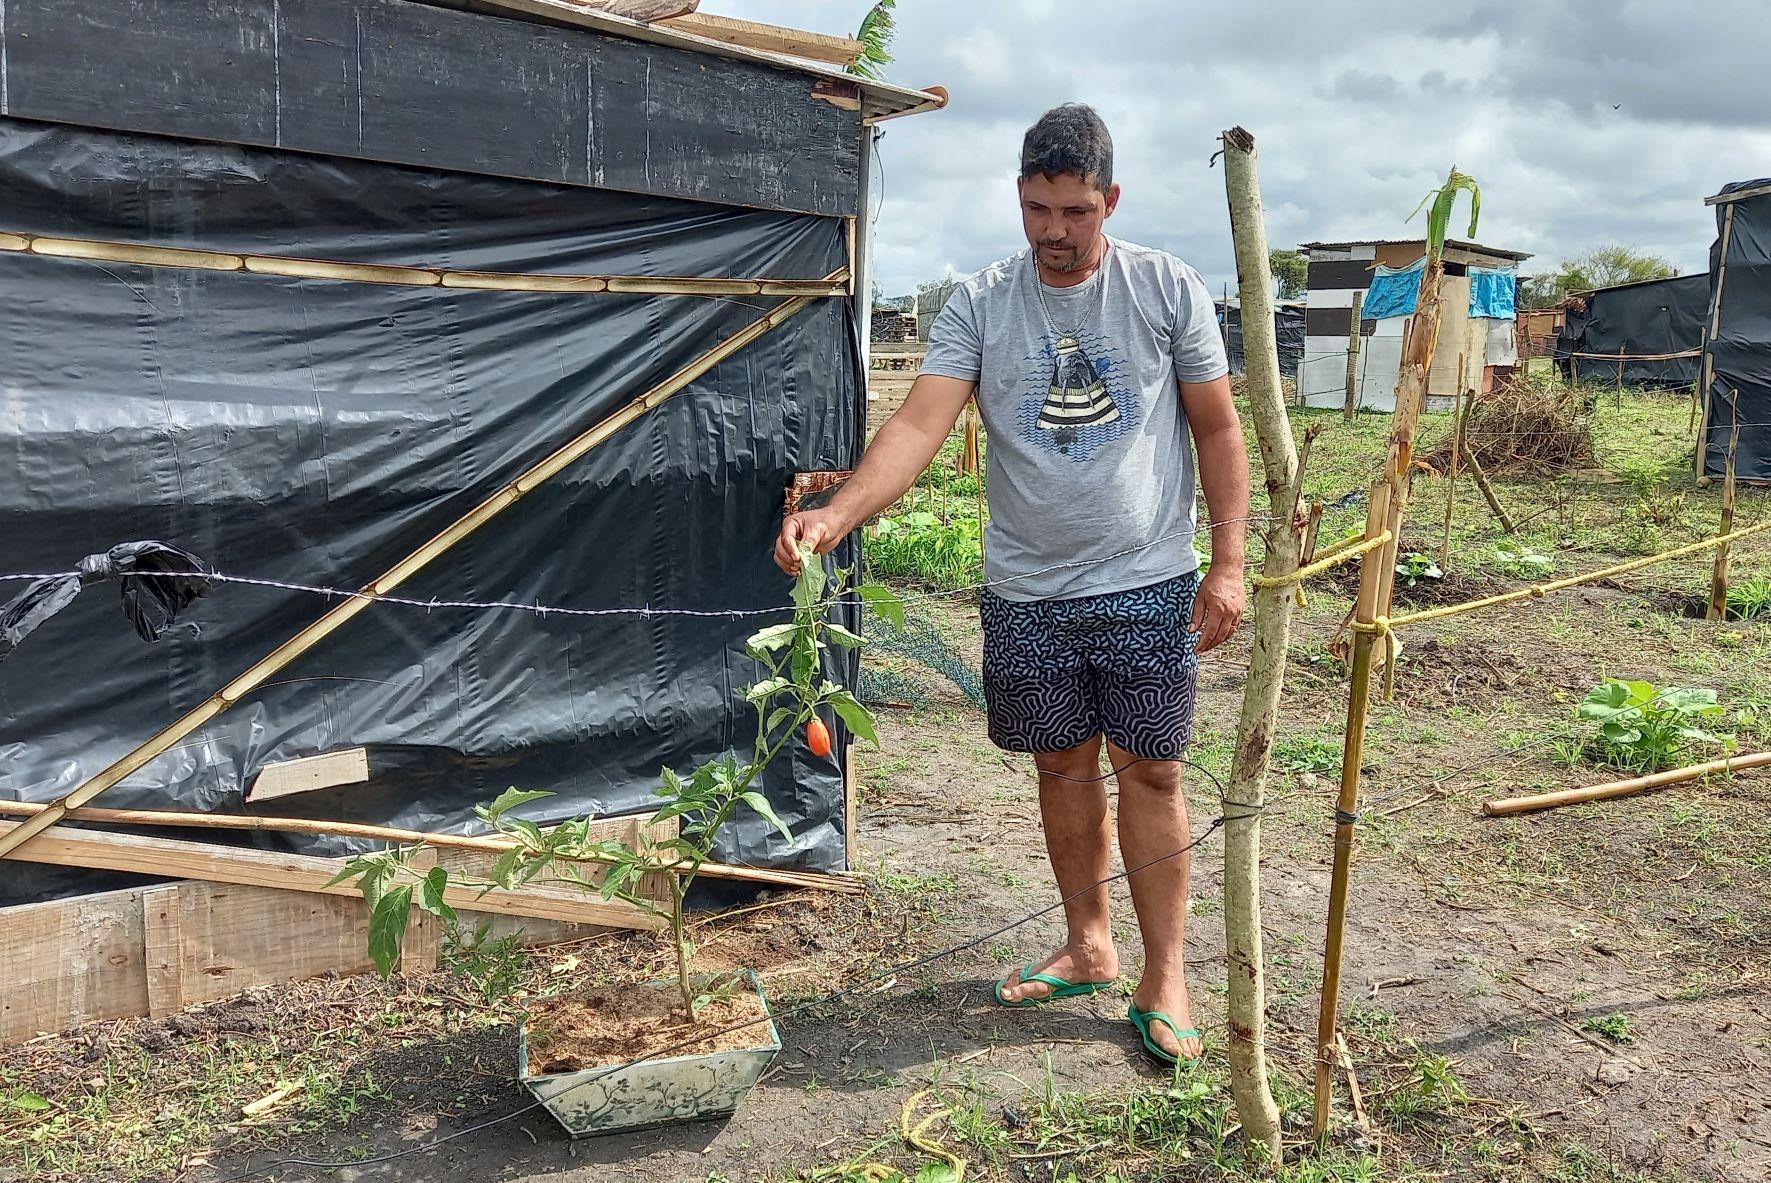 Rodrigo Alves prepara plantação no acampamento: cultivo de quiabo, couve, abóbora, milho, tomate, banana e graviola com base na agroecologia (Foto: Vivi Fernandes de Lima)